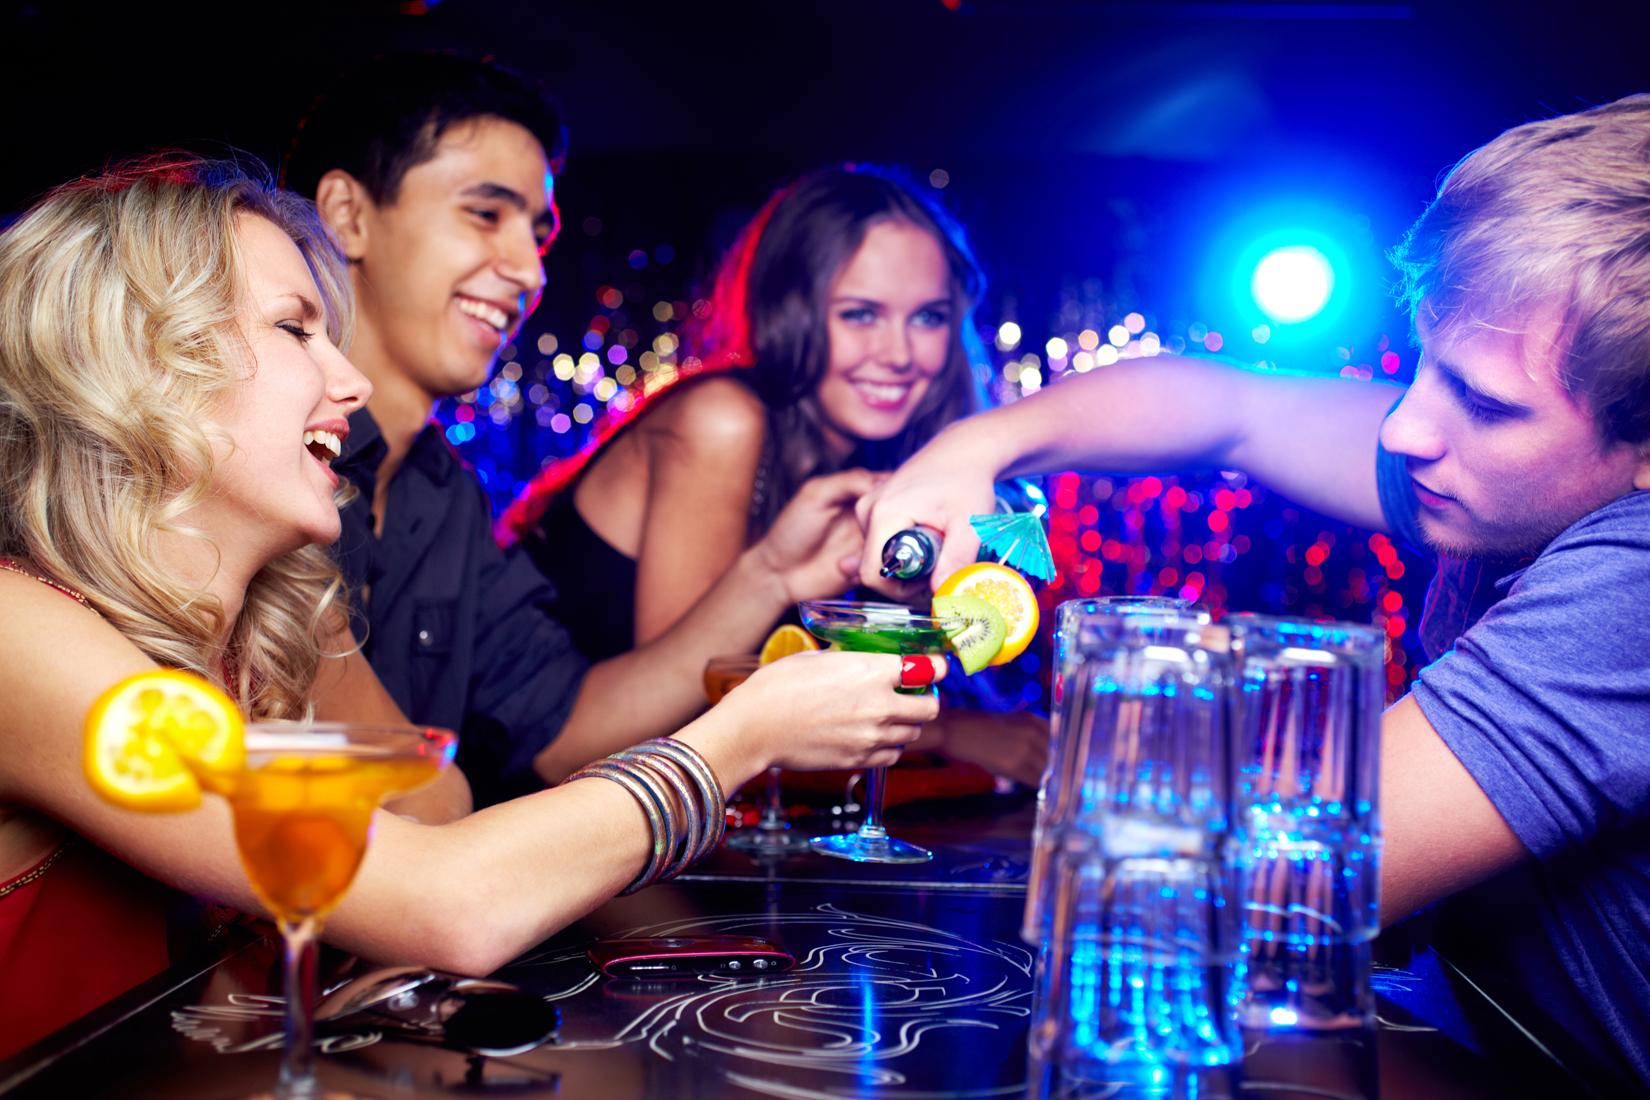 Вечеринки в клубе смотреть